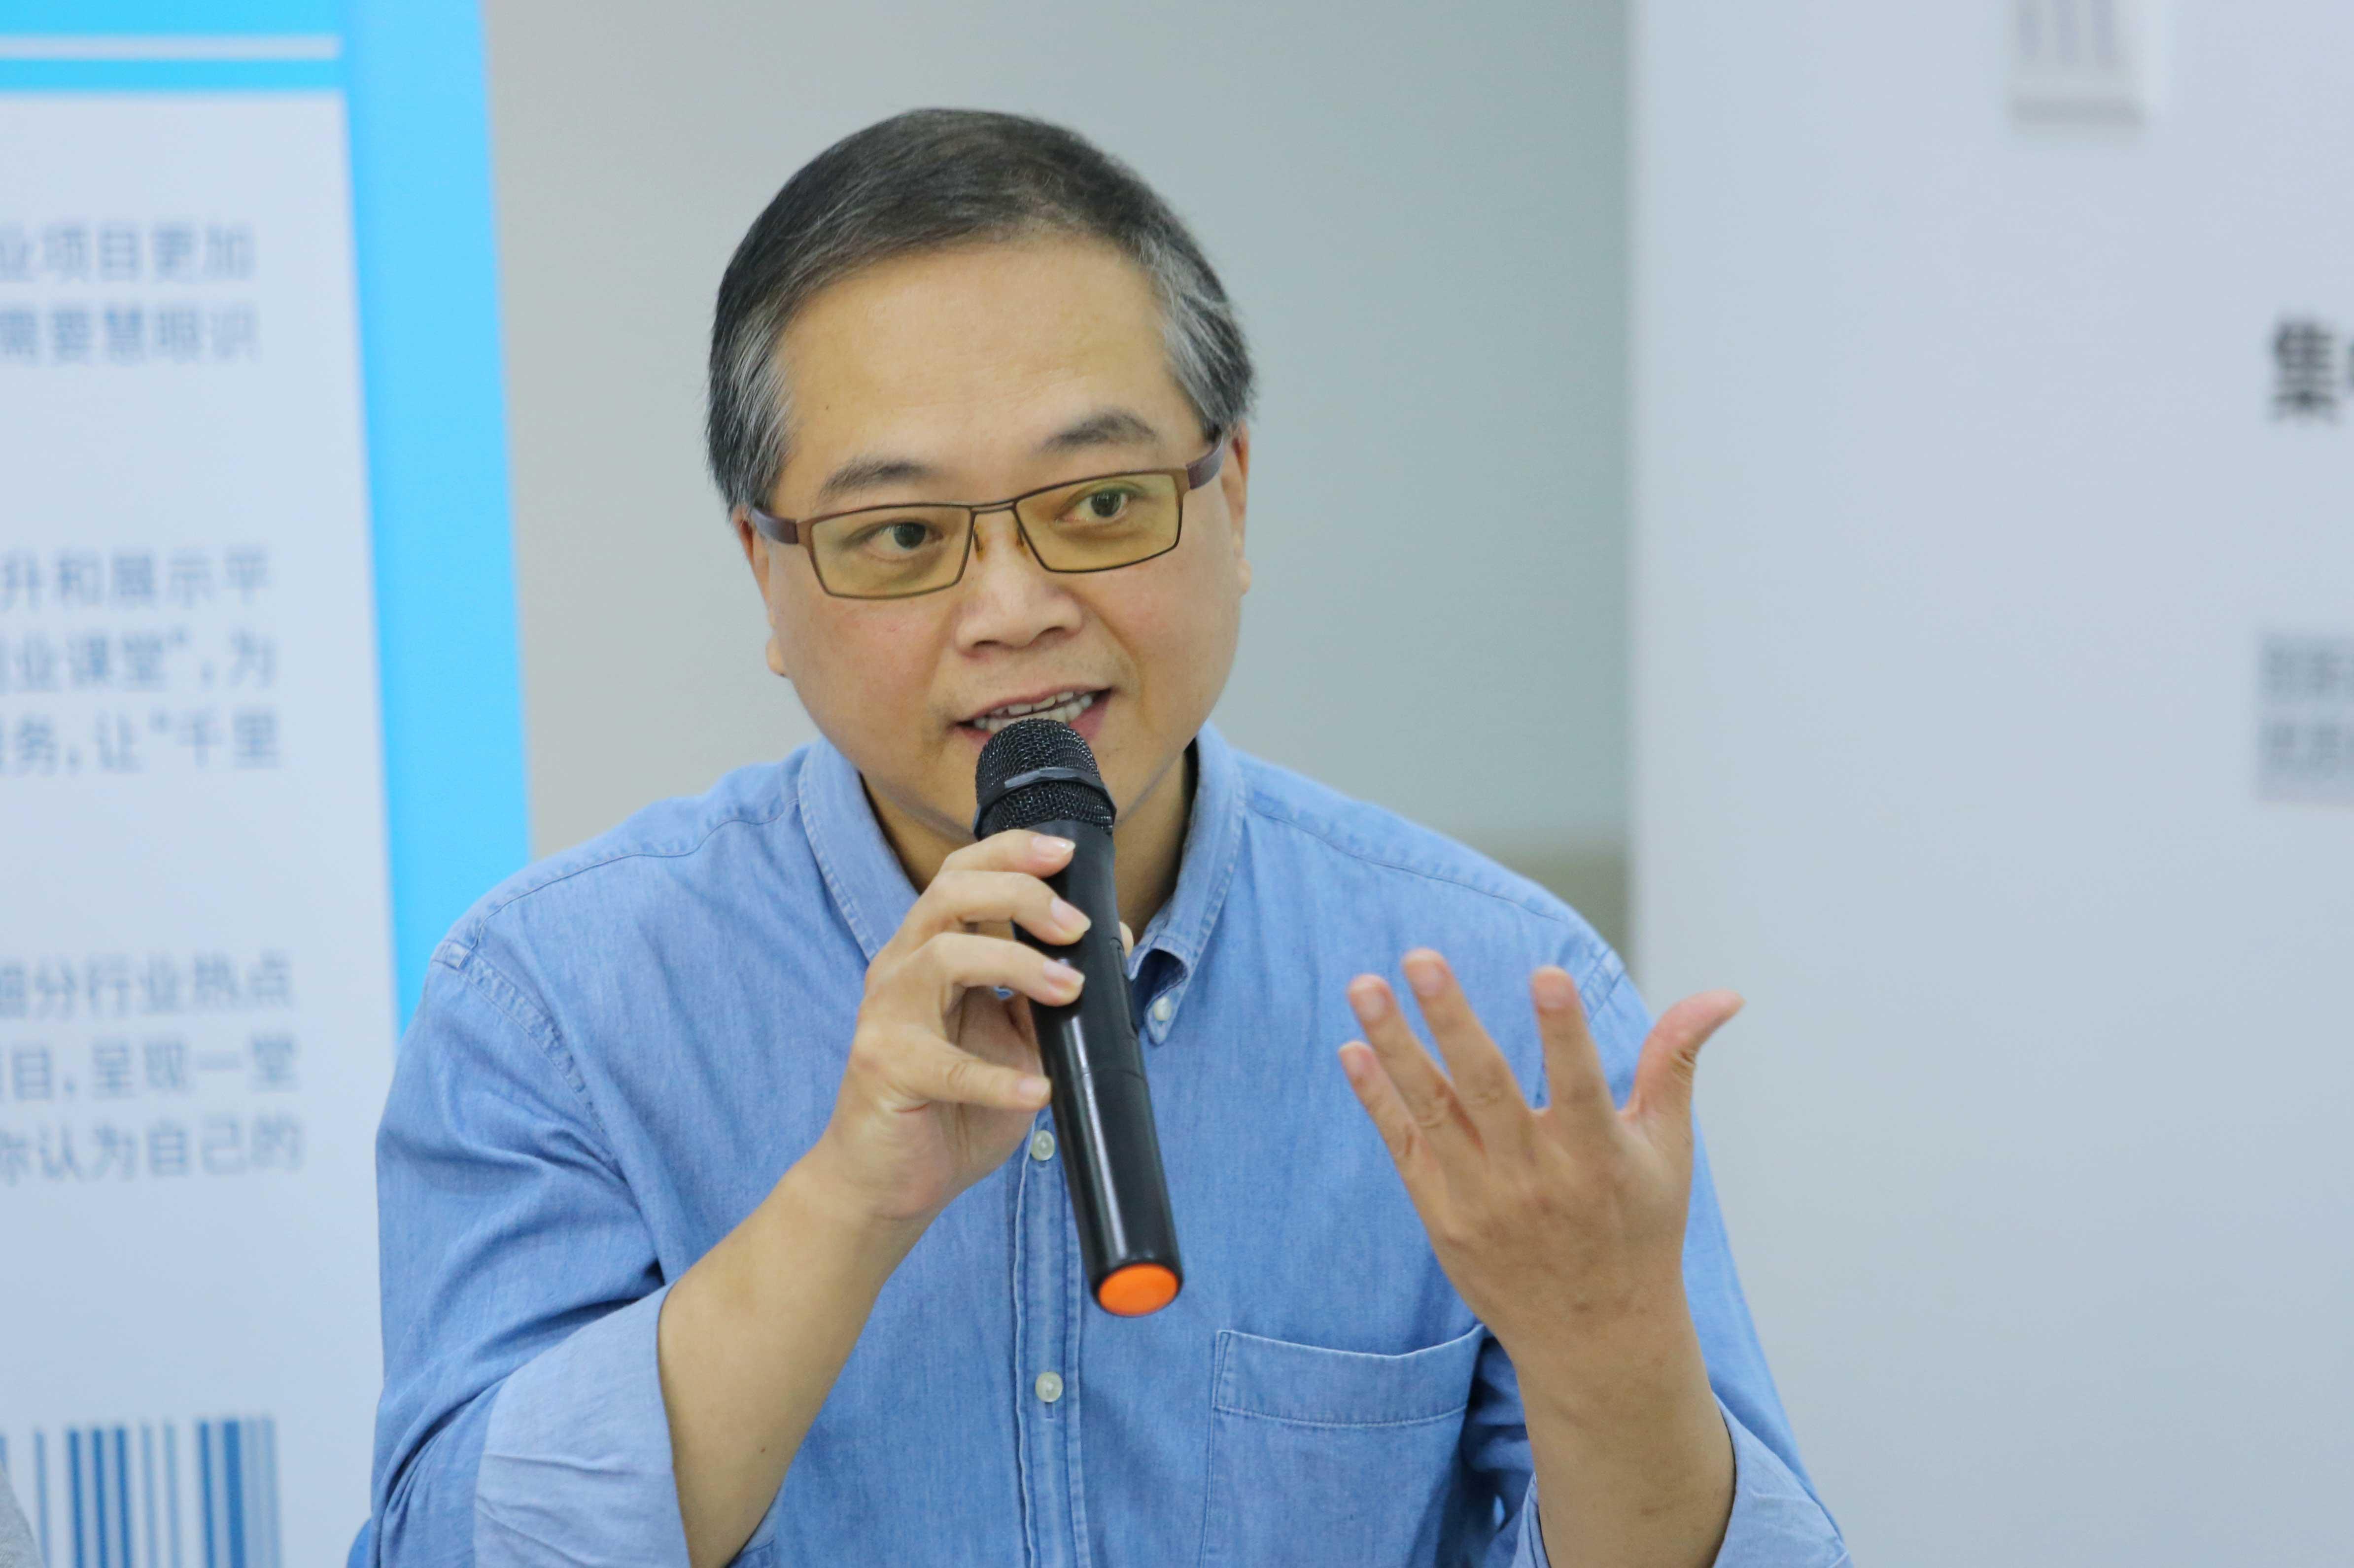 投中资本董事总经理陆亦琦:资本寒冬下,医疗赛道依旧存在可投的好项目